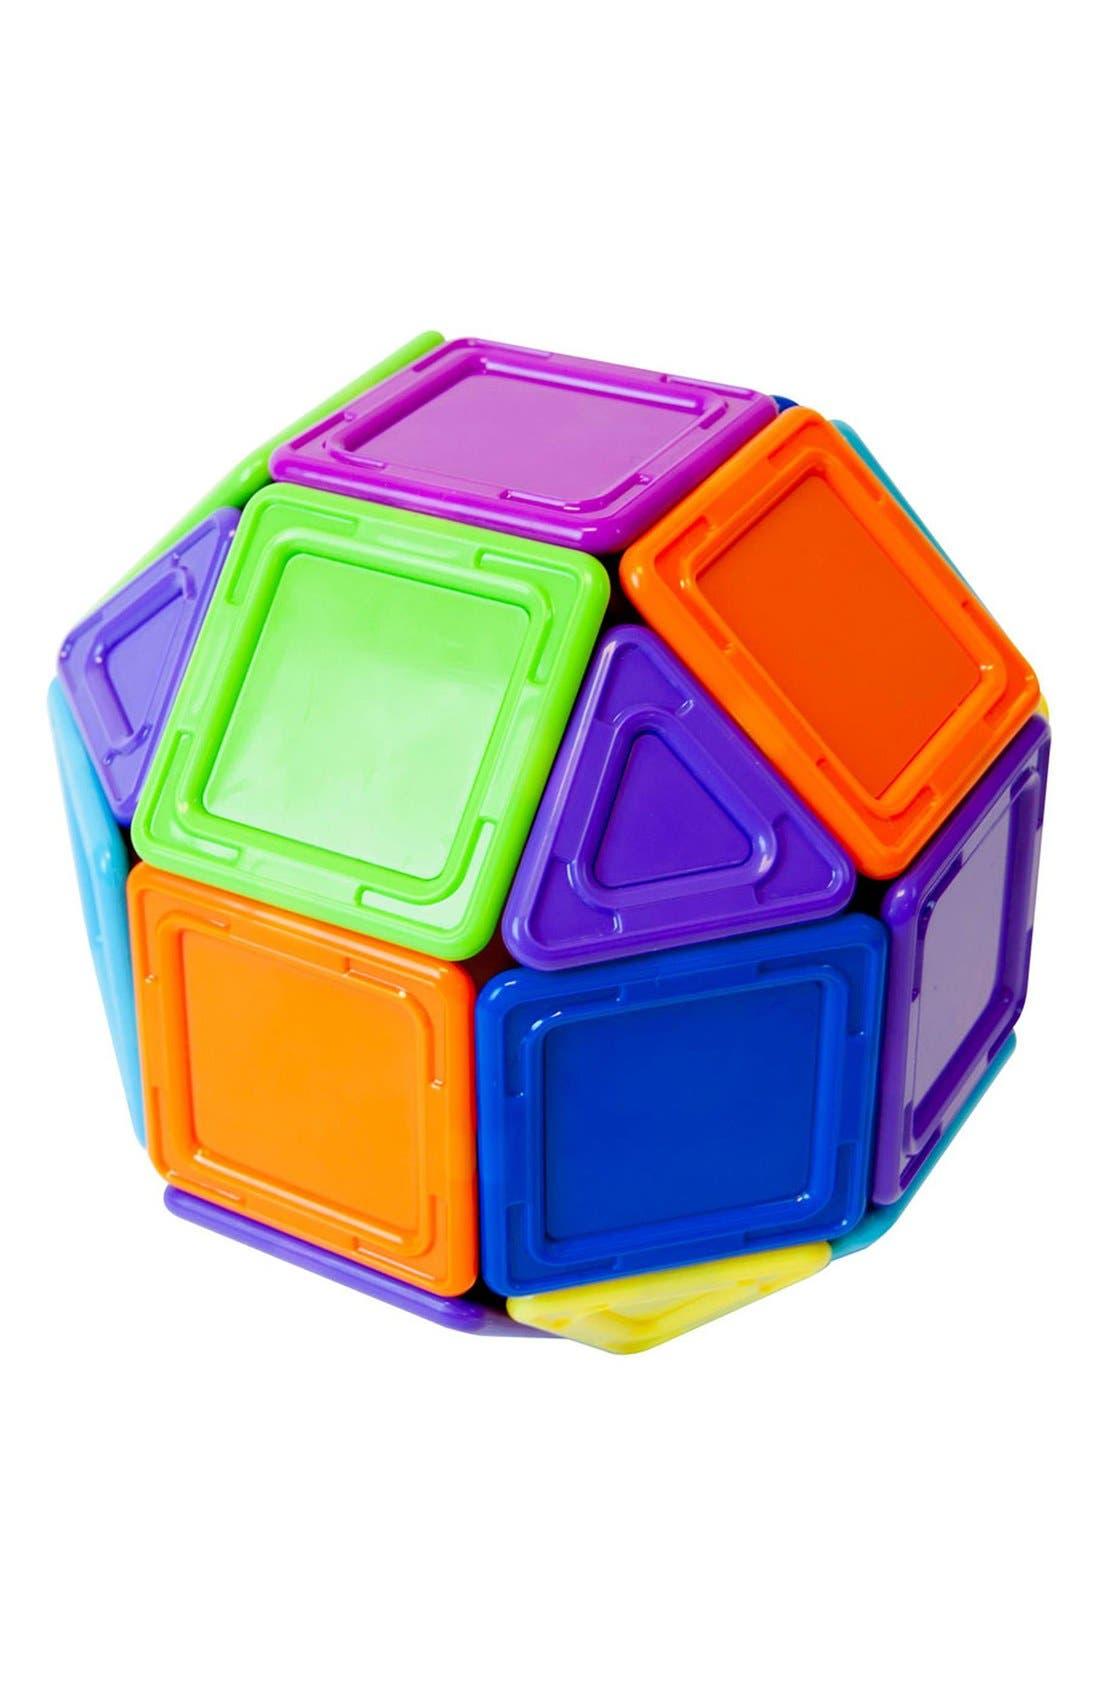 'Standard - Solids' Opaque Magnetic 3D Construction Set,                             Alternate thumbnail 2, color,                             460